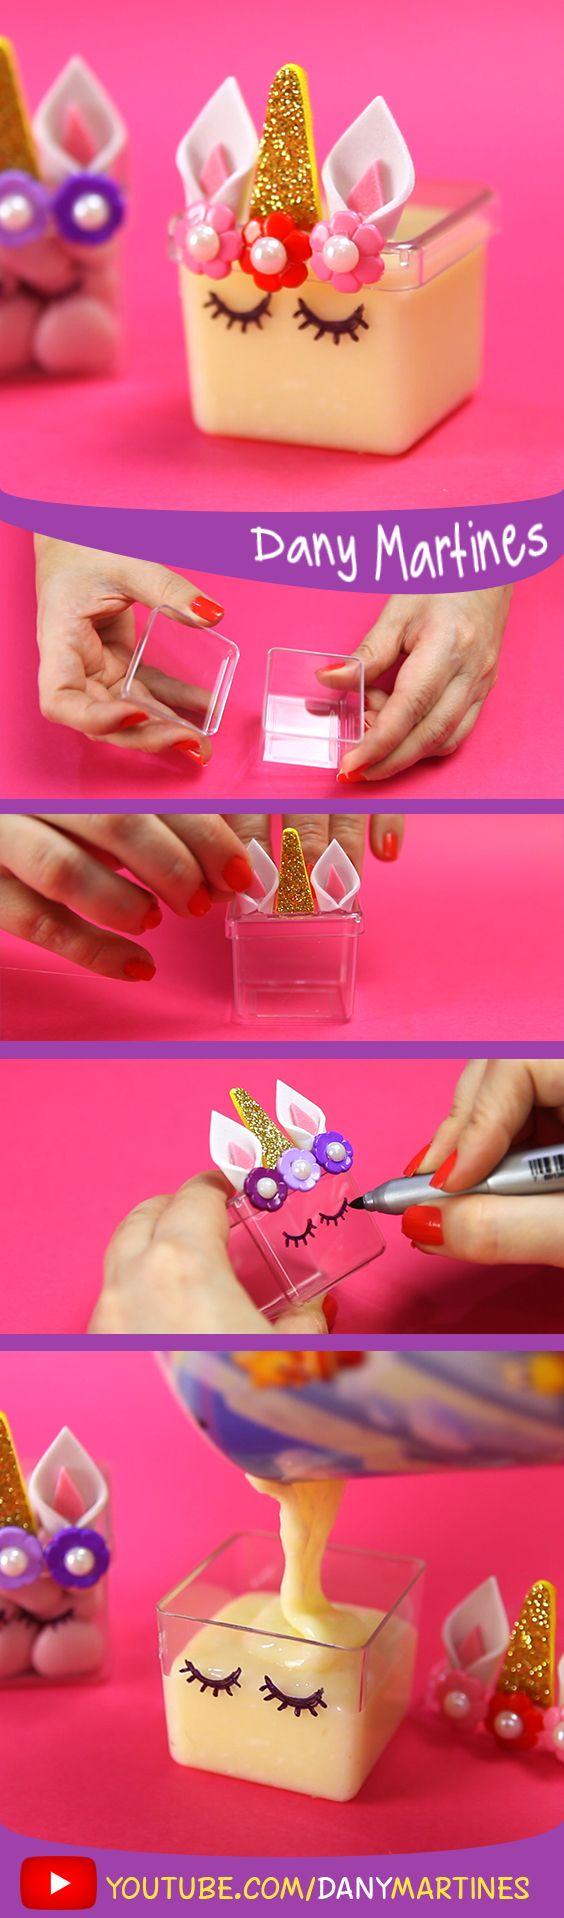 Faça você mesmo uma cixinha de acrilico de unicornio para decorar sua festa, beijinho, doce, festa, decoração, Dany Martines, DIY, do it yourself